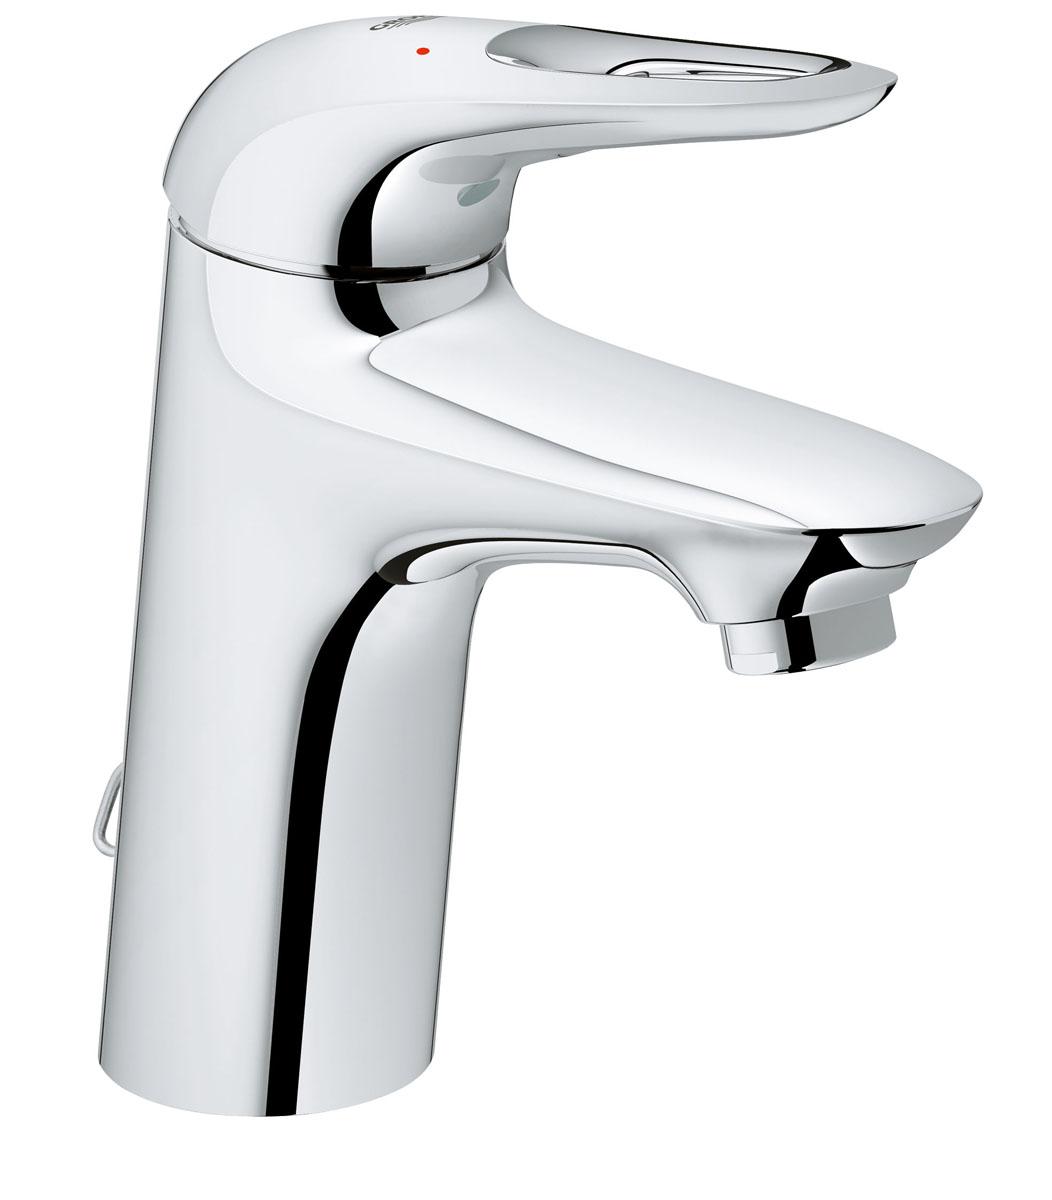 Смеситель для раковины Grohe Eurostyle New, с цепочкой33557003Однорычажный смеситель Grohe Eurostyle New легок и интуитивно понятен в использовании, что делает его идеальным выбором для семейных ванных комнат и стандартных раковин, он также имеет встроенную водосберегающую технологию EcoJoy®. Если вы ищете смеситель для ванной, который будет хорошо дополнять чистый современный дизайн, этот моноблочный смеситель станет для вас идеальным выбором - цепочка для сливного гарнитура, та маленькая деталь дополняющая этот аккуратный и гладкий дизайн. В рамках коллекции смесителей для ванной комнаты Eurostyle вы увидите, что этот смеситель для раковины легко сочетается с другими продуктами в той же дизайн-линии для создания комплексного решения для ванной.